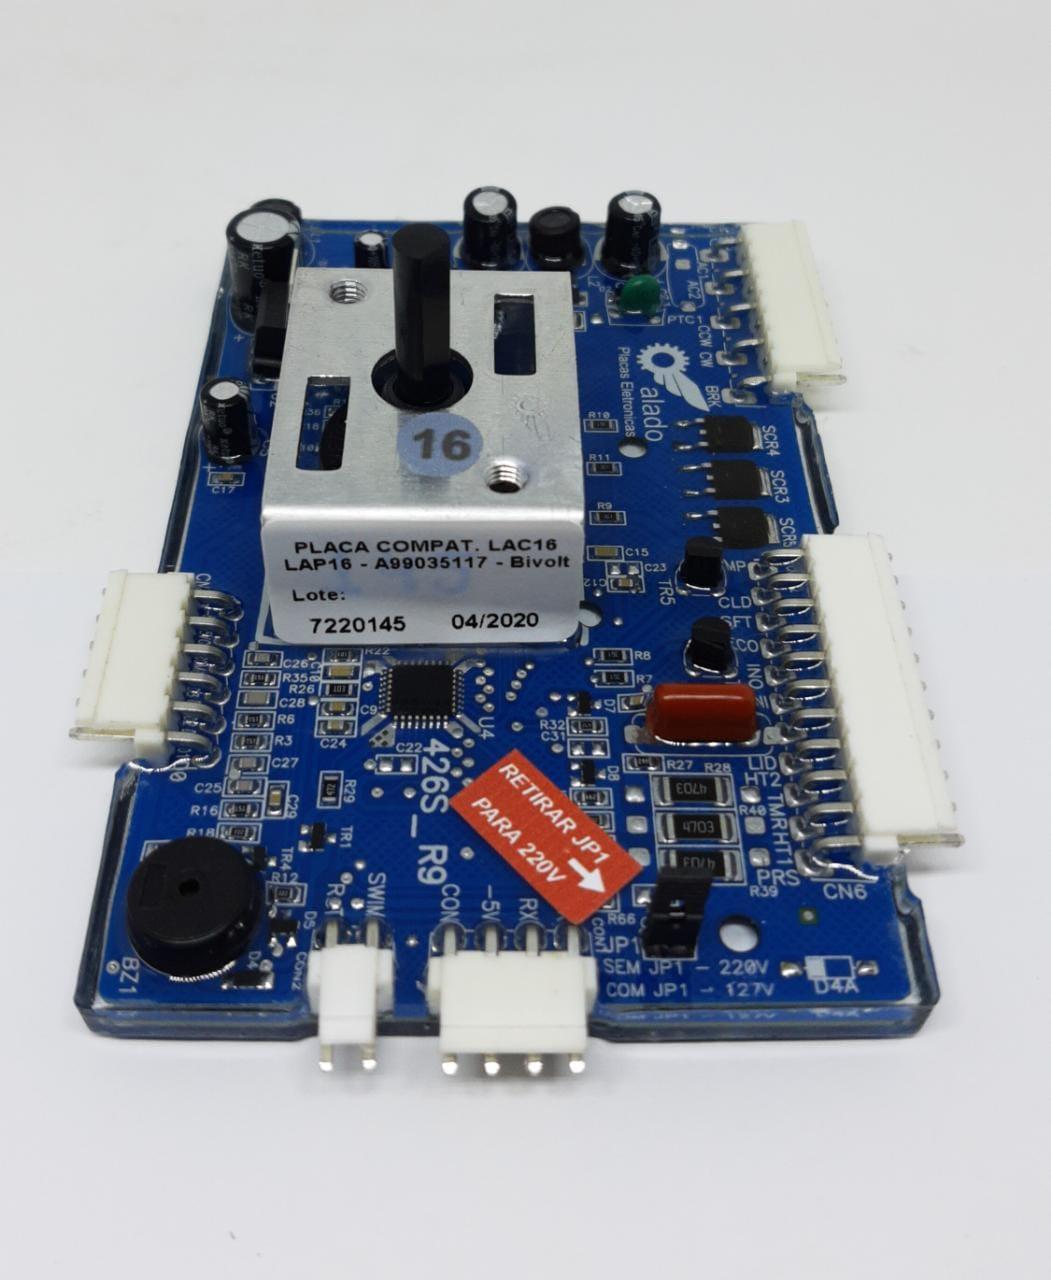 Placa Potencia Electrolux Lac16 Lap16 099035117 - Alado